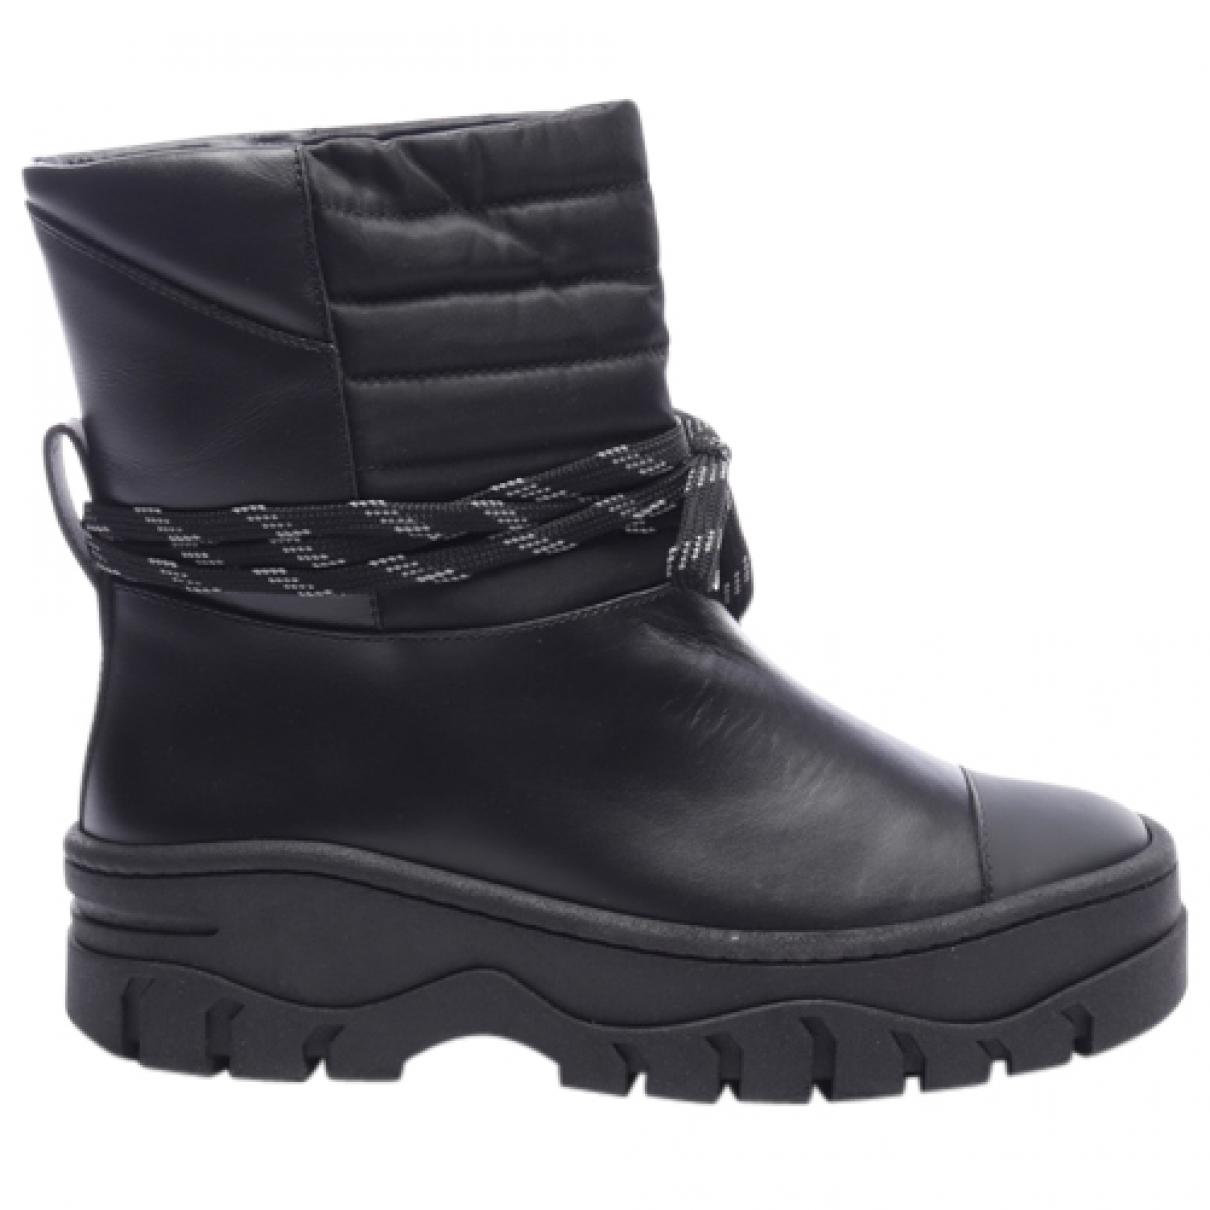 Ganni - Boots   pour femme en cuir - noir